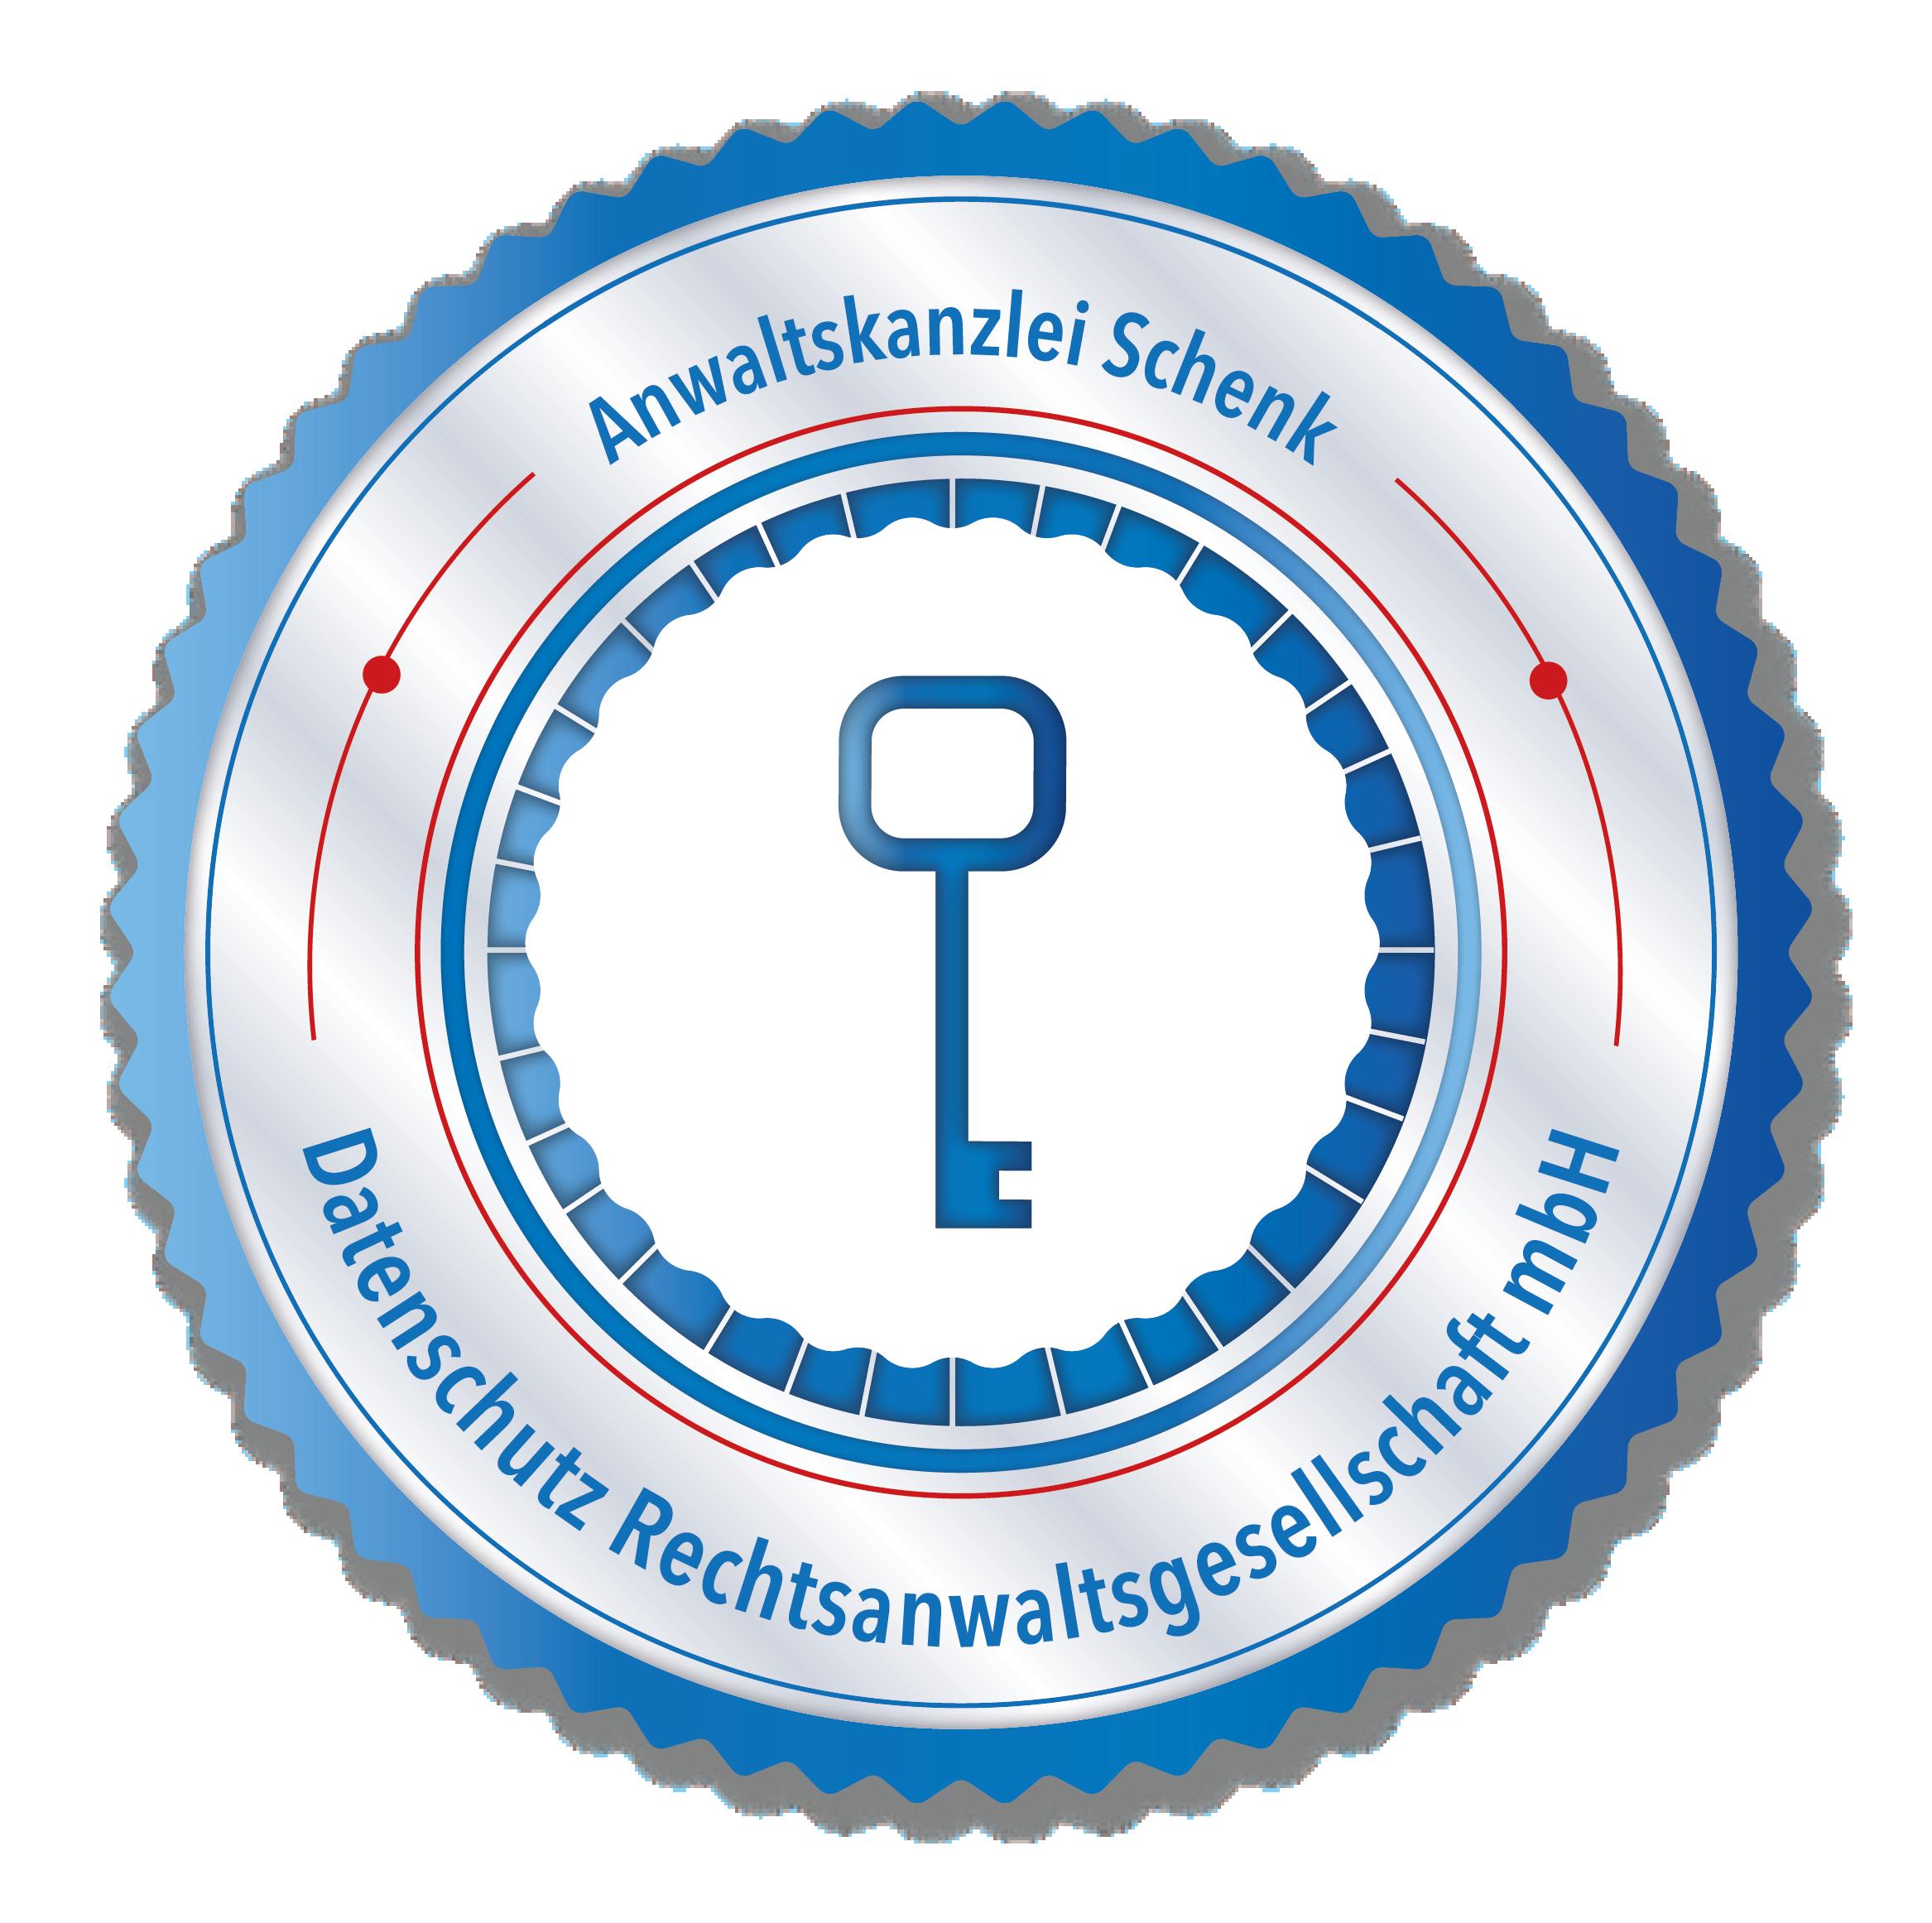 Anwaltskanzlei Schenk - Datenschutz Rechtsanwaltsgesellschaft mbH